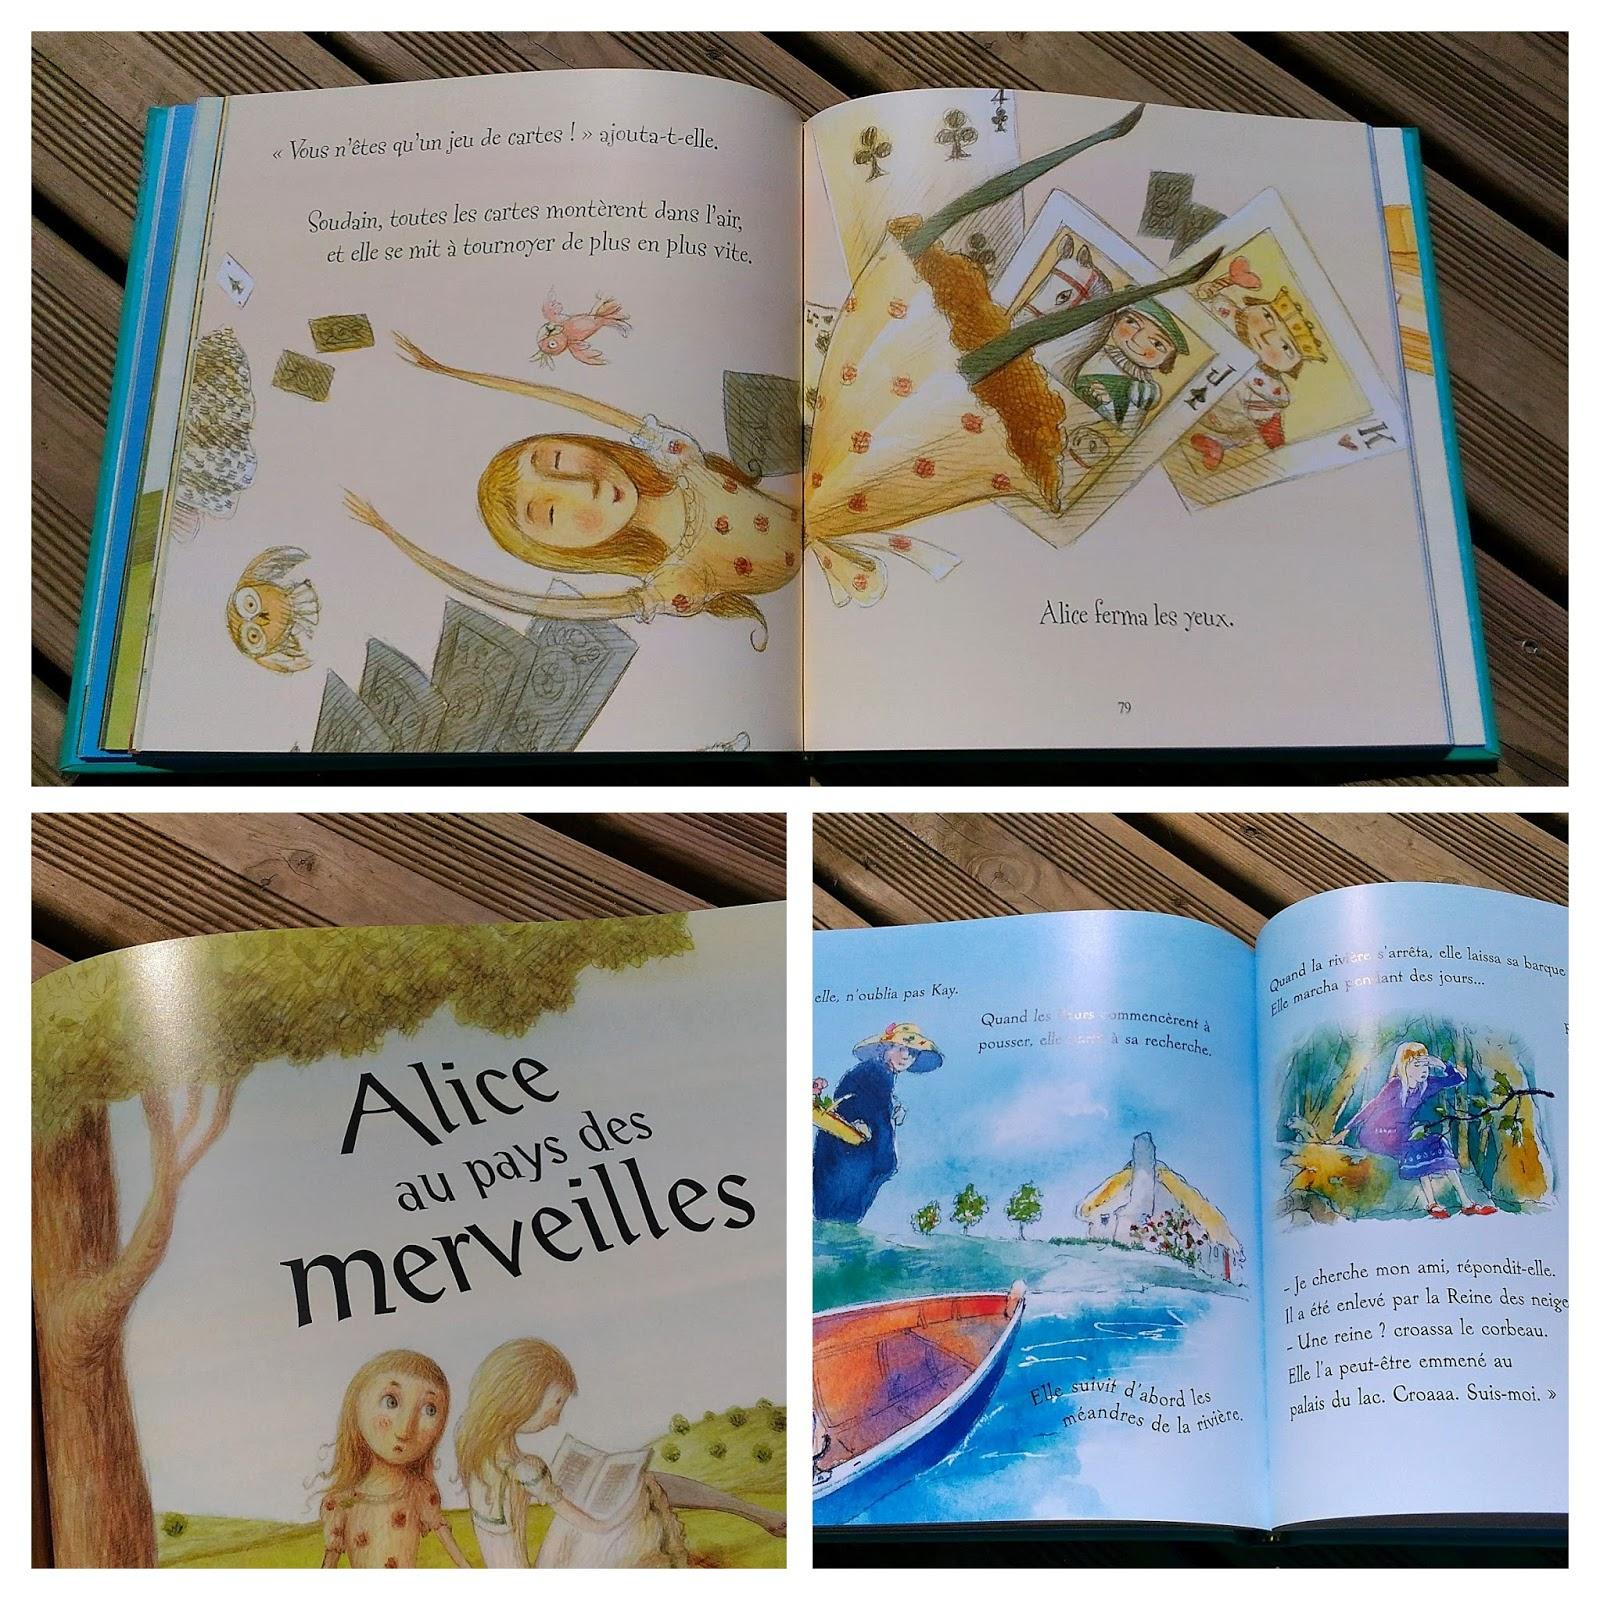 Histoire pour les petits : Alice au pays des merveilles et autres histoires - éditions Usborne